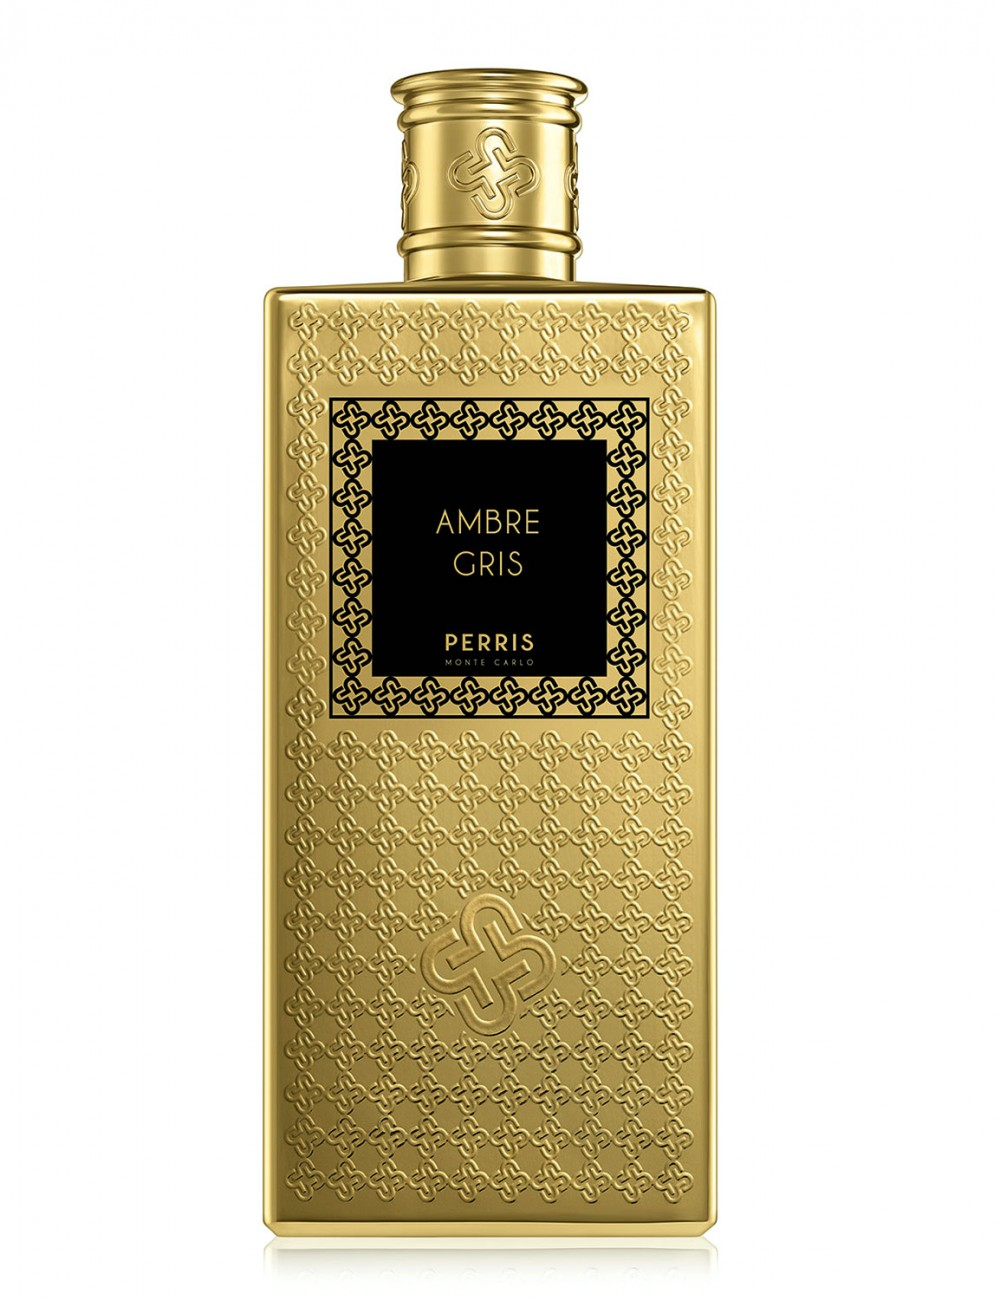 Perris Monte Carlo ambre gris eau de parfum 100 perfume